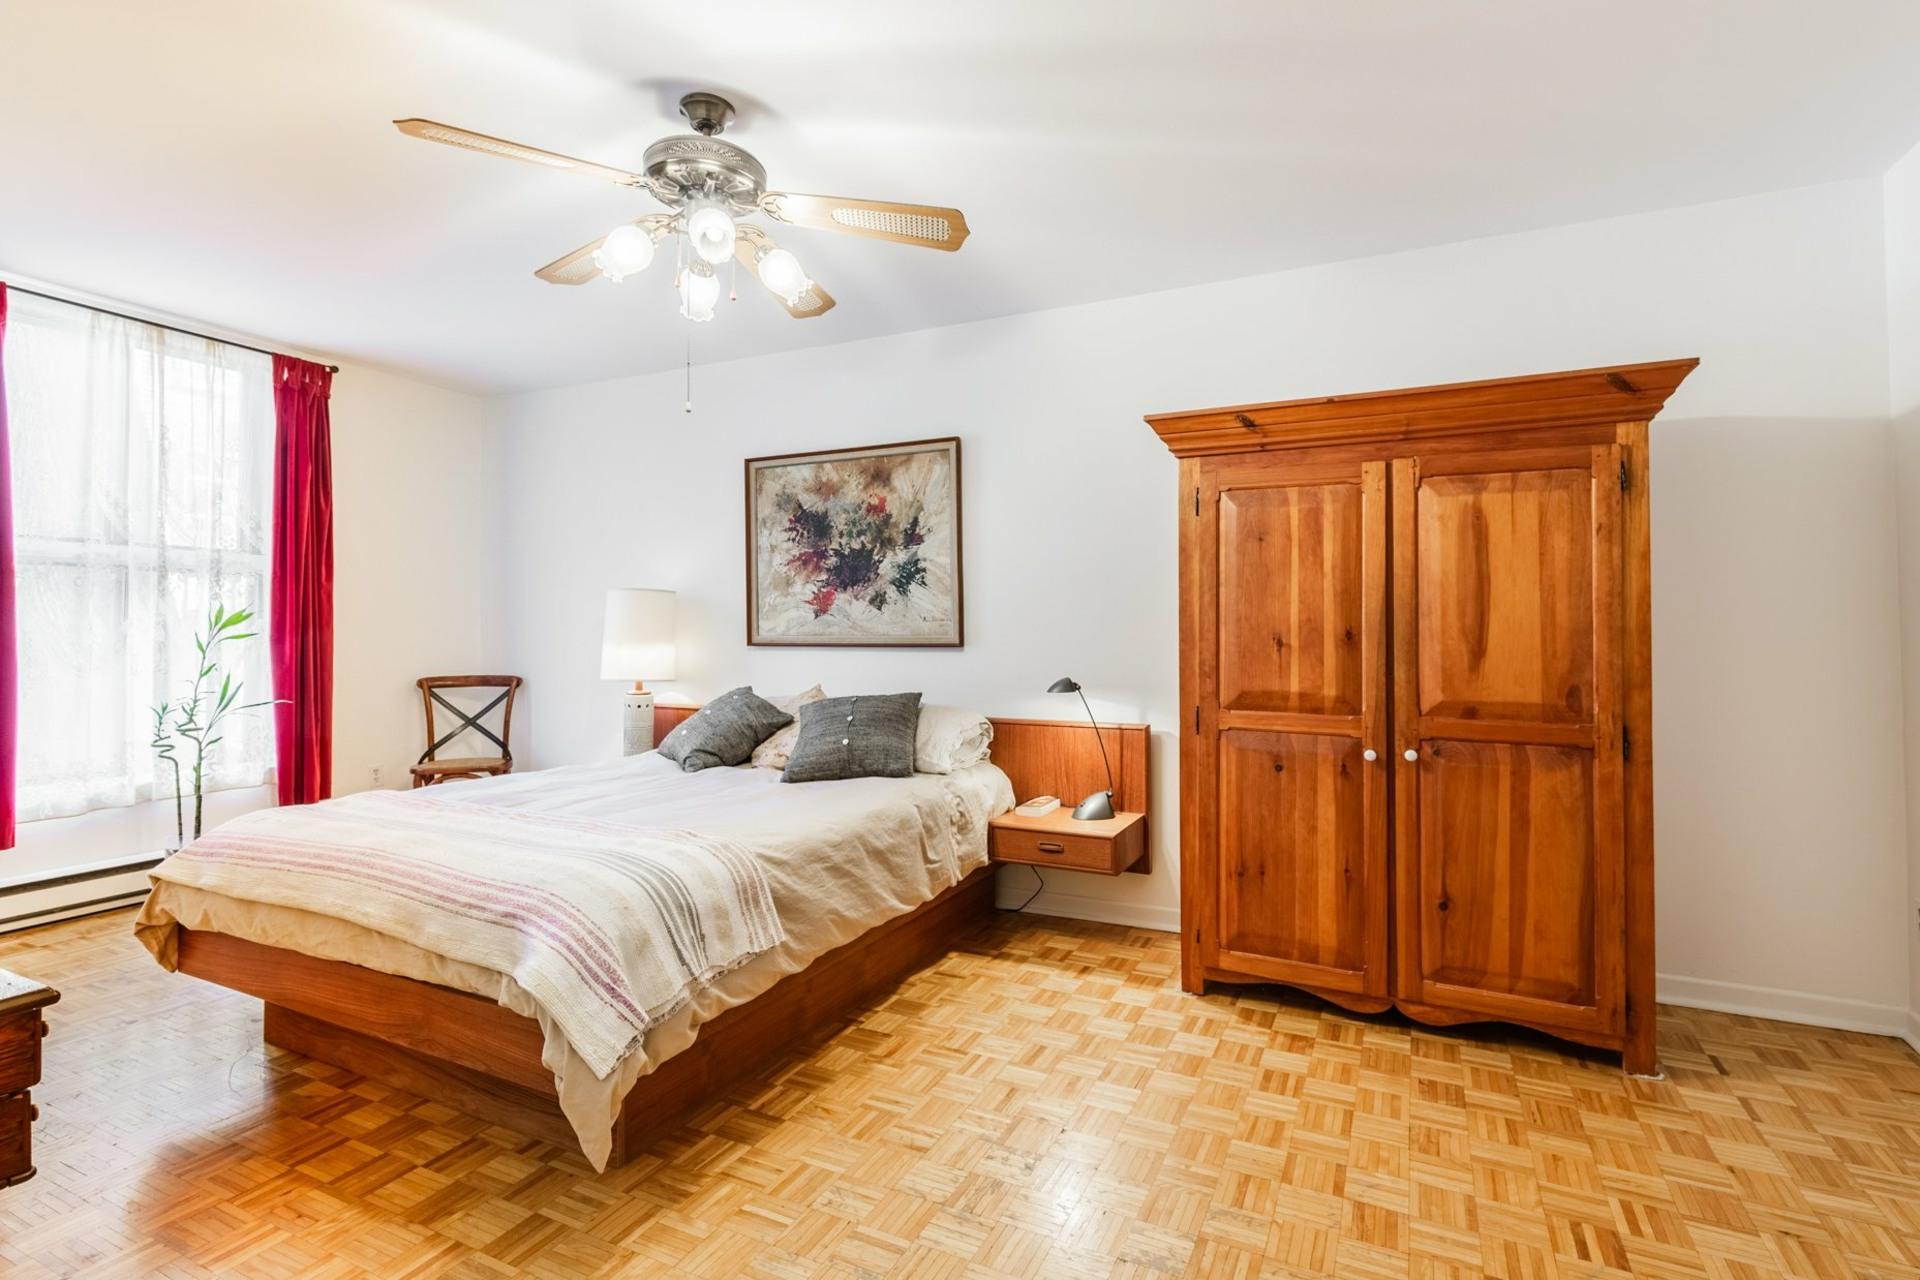 image 2 - Apartment For sale Le Plateau-Mont-Royal Montréal  - 6 rooms